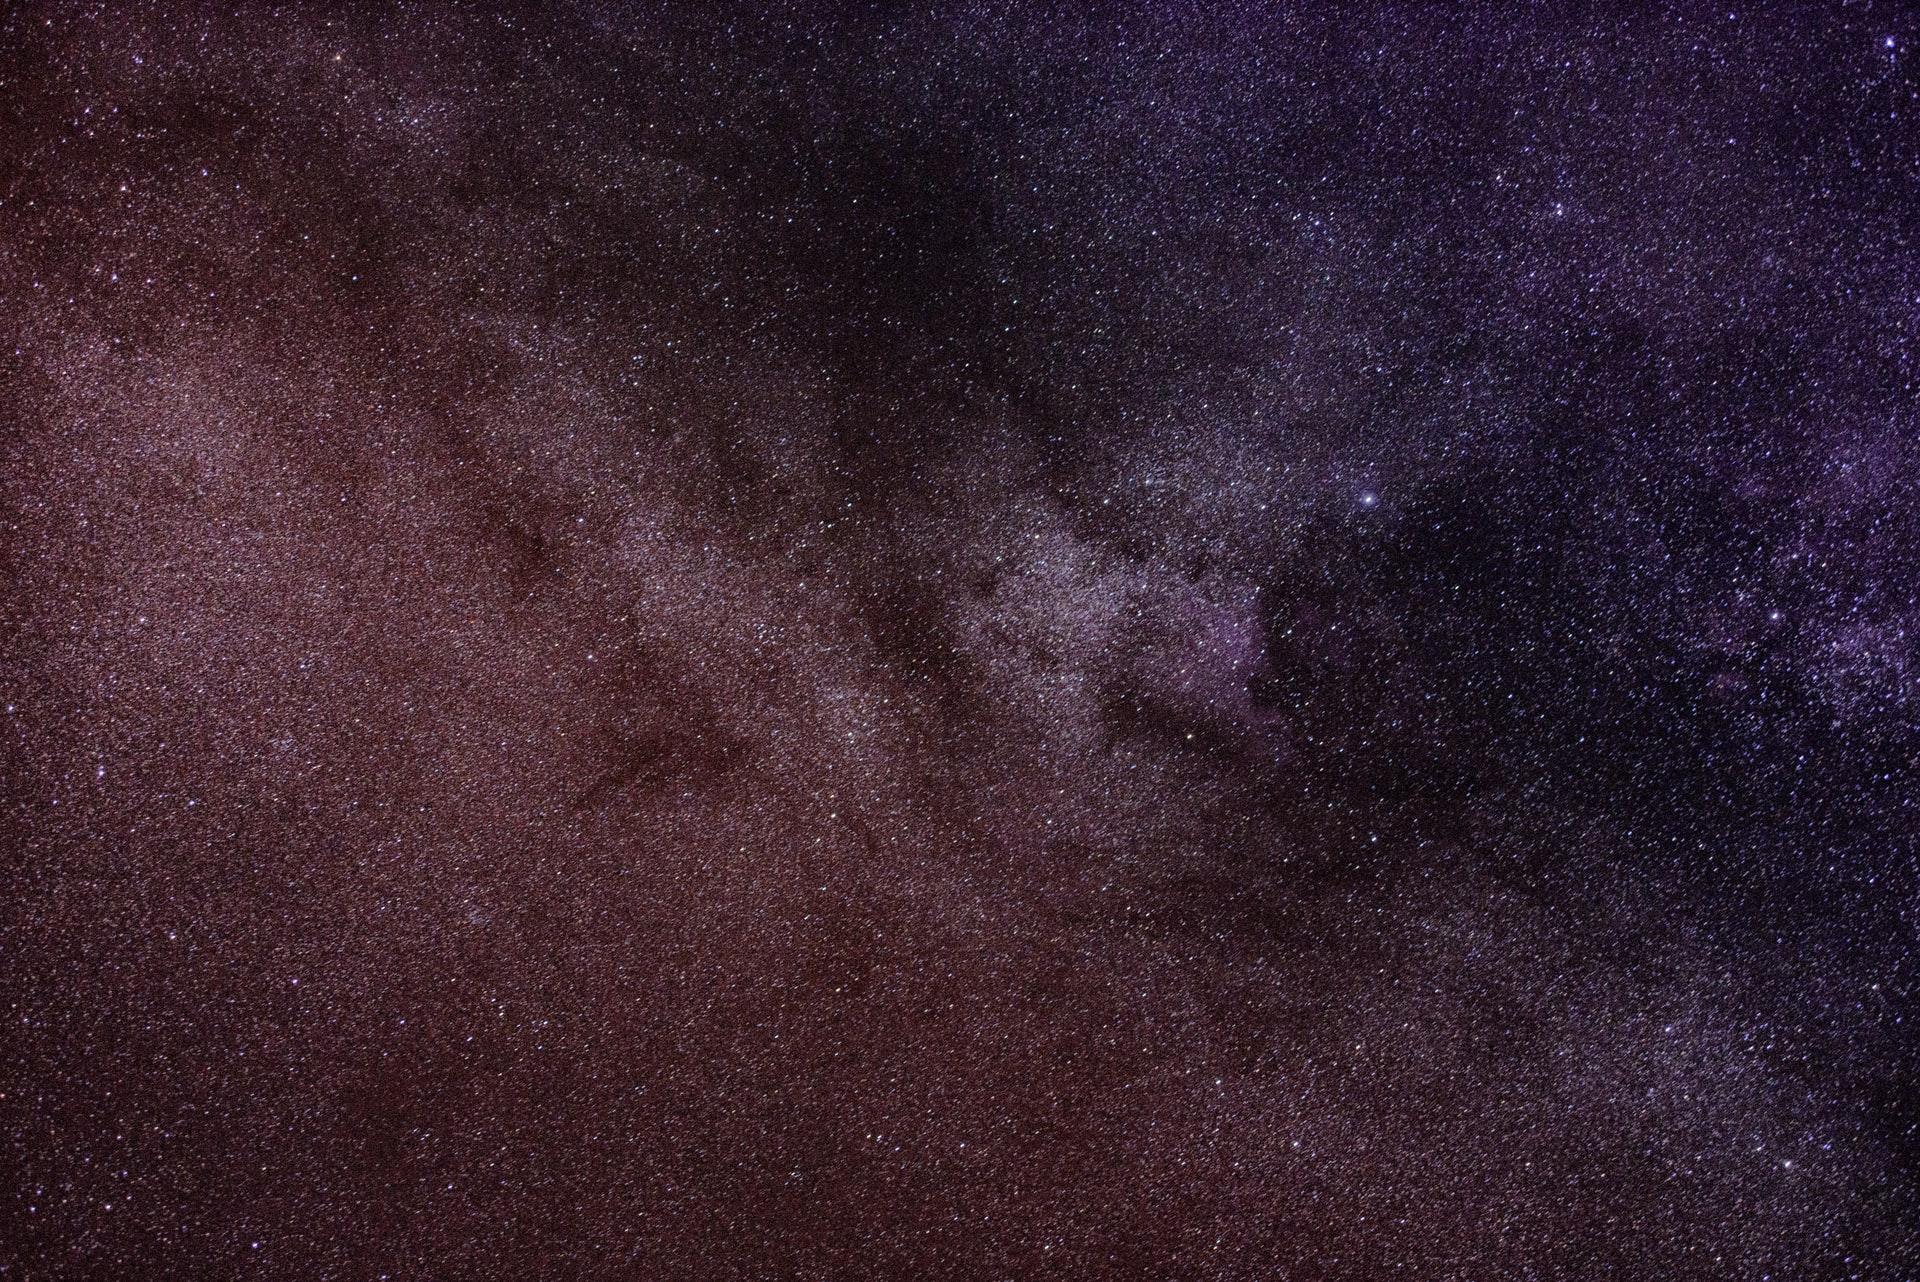 Shamanic Nights background image